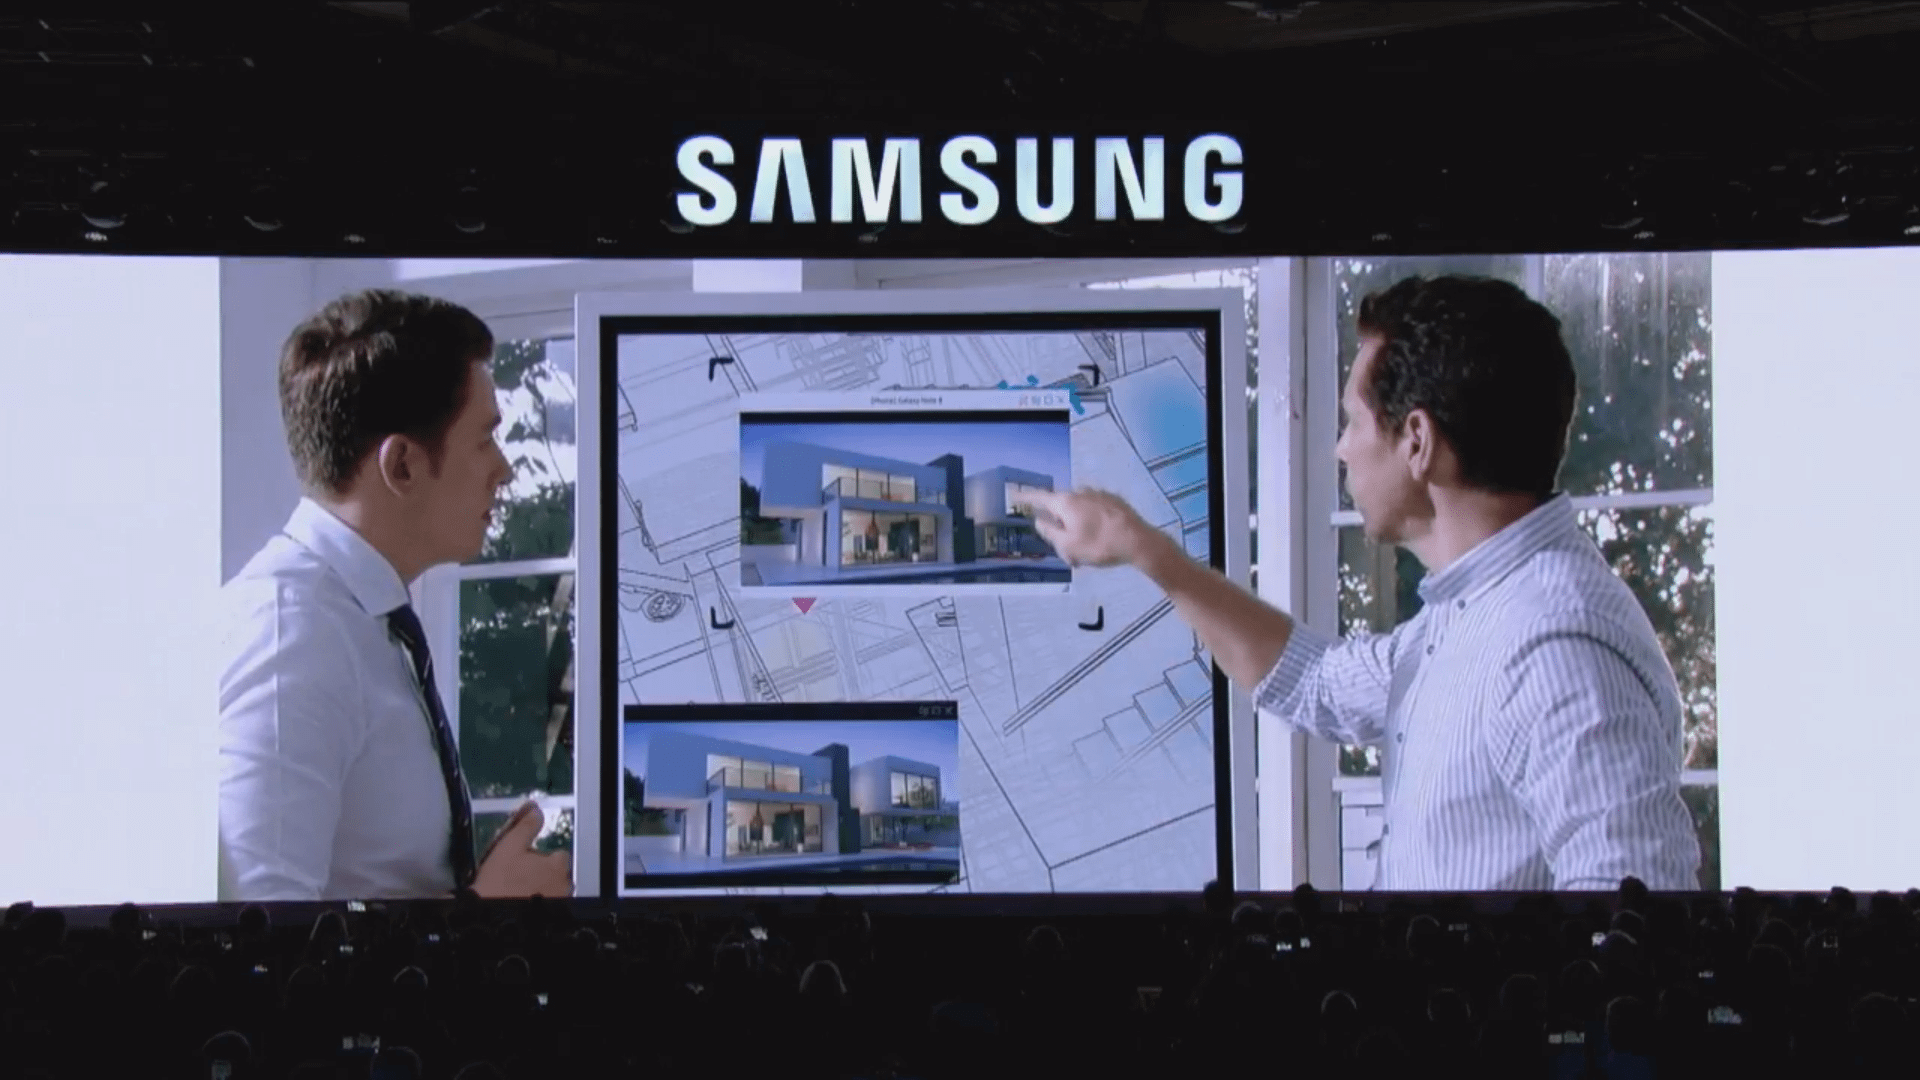 Ces 2018: resumo de tudo apresentado na conferência da samsung. A samsung chegou com tudo na ces 2018. Lá, a empresa mostrou suas novidades acerca de iot e também apresentou novos produtos.